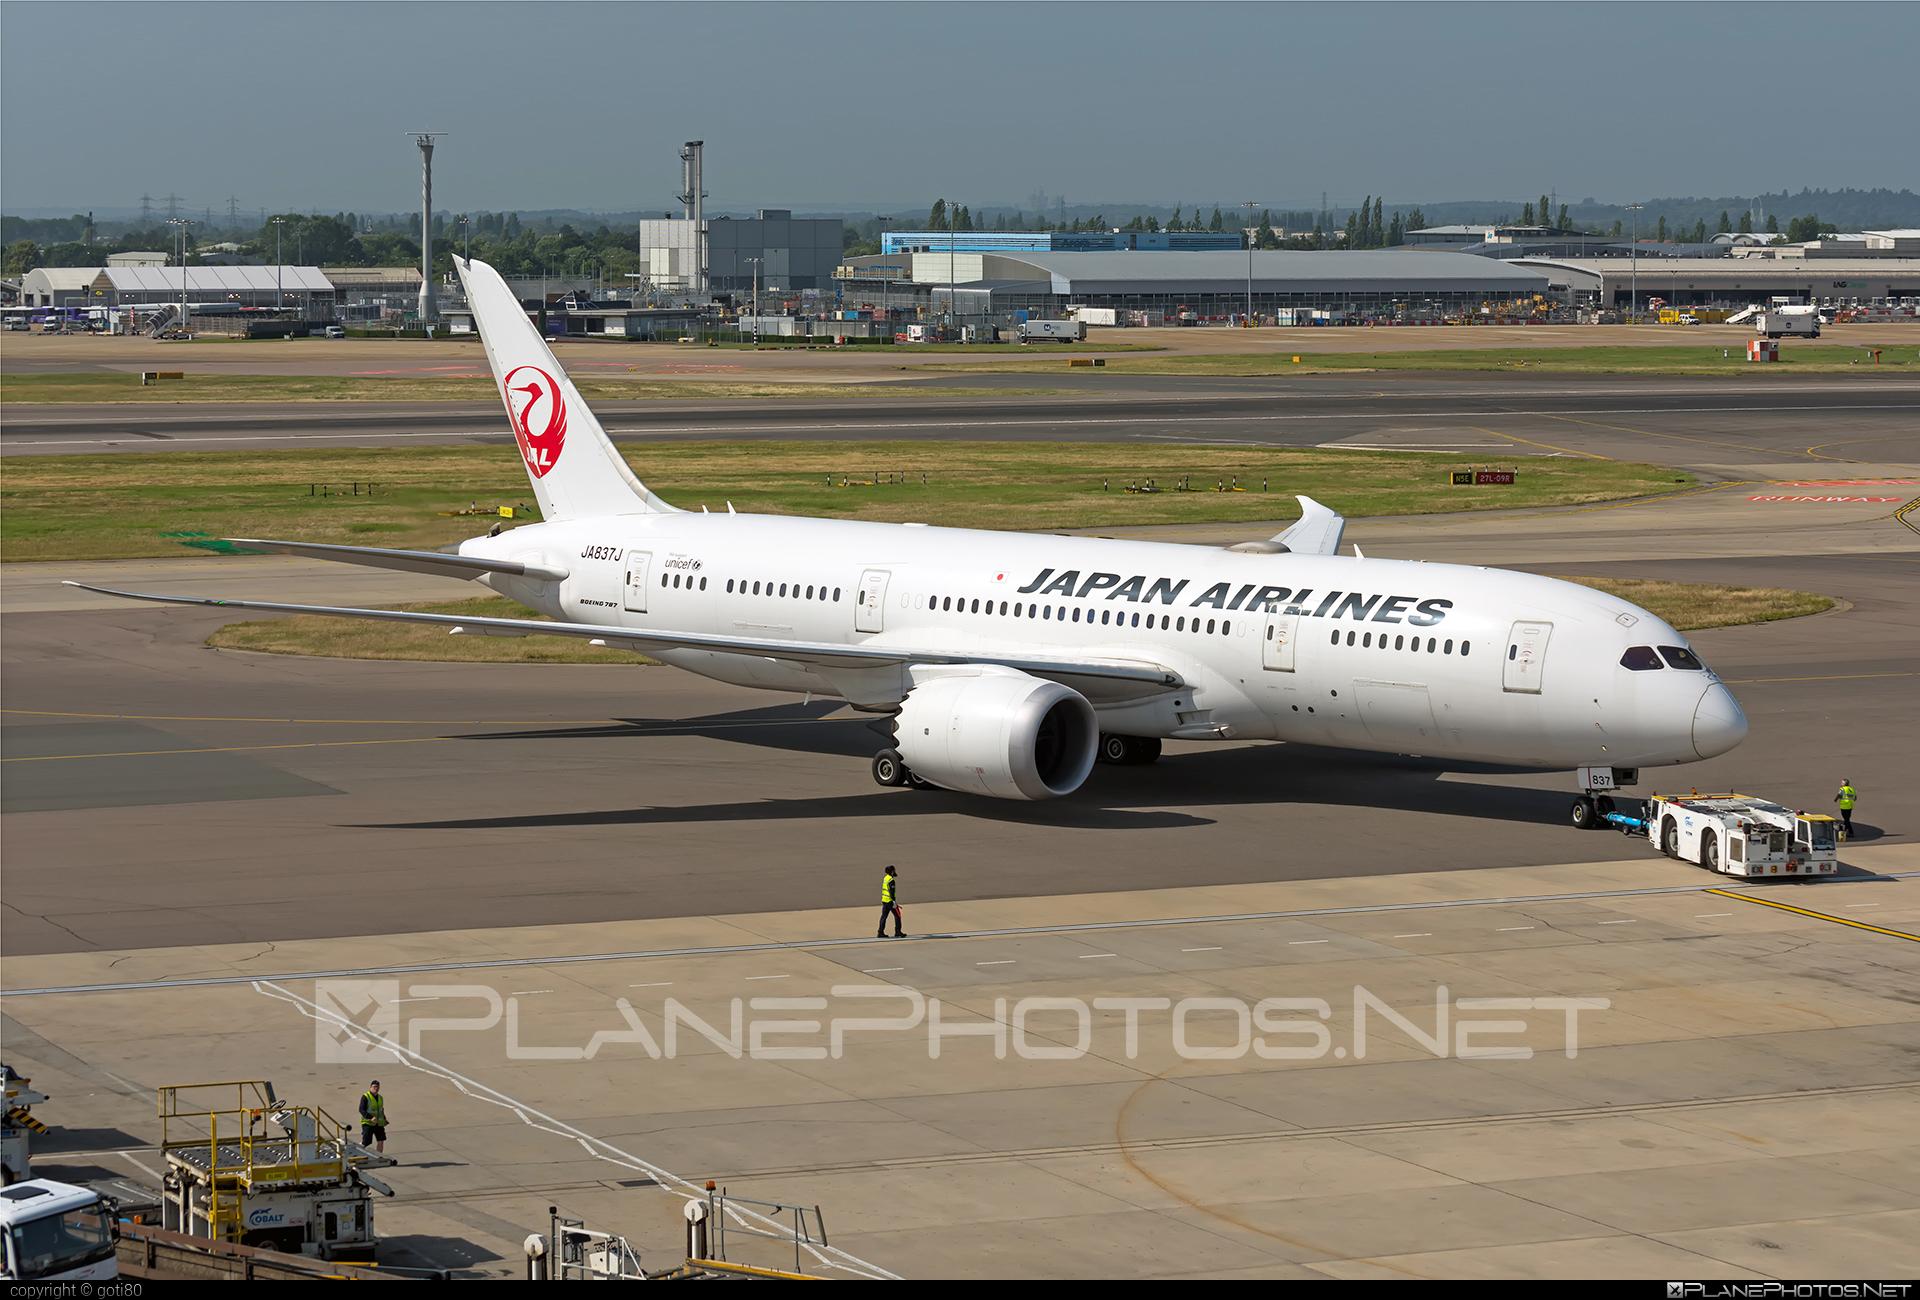 Boeing 787-8 Dreamliner - JA837J operated by Japan Airlines (JAL) #b787 #boeing #boeing787 #dreamliner